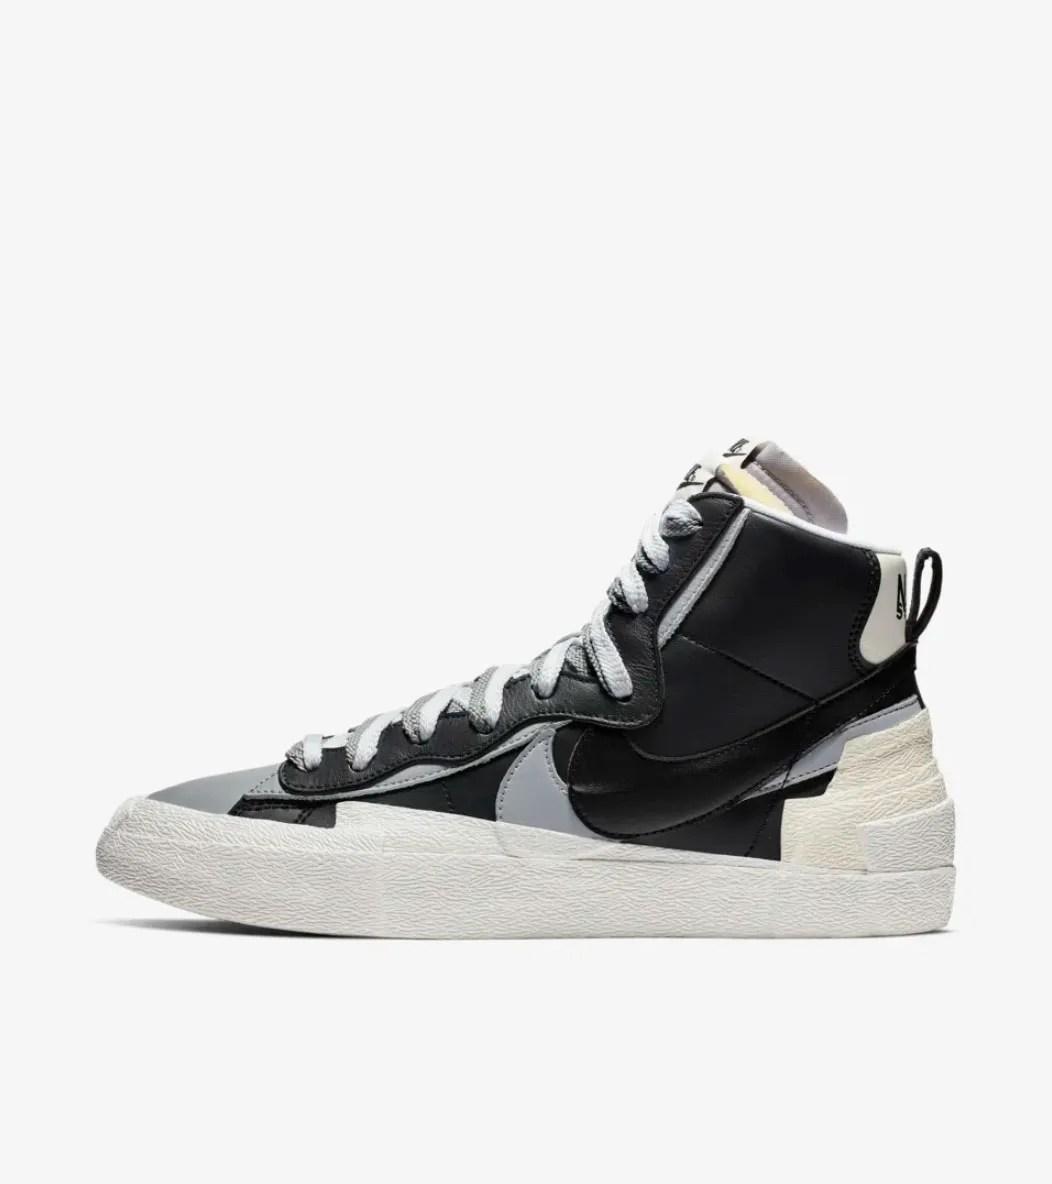 A side profile of the Nike Sacai Blazer